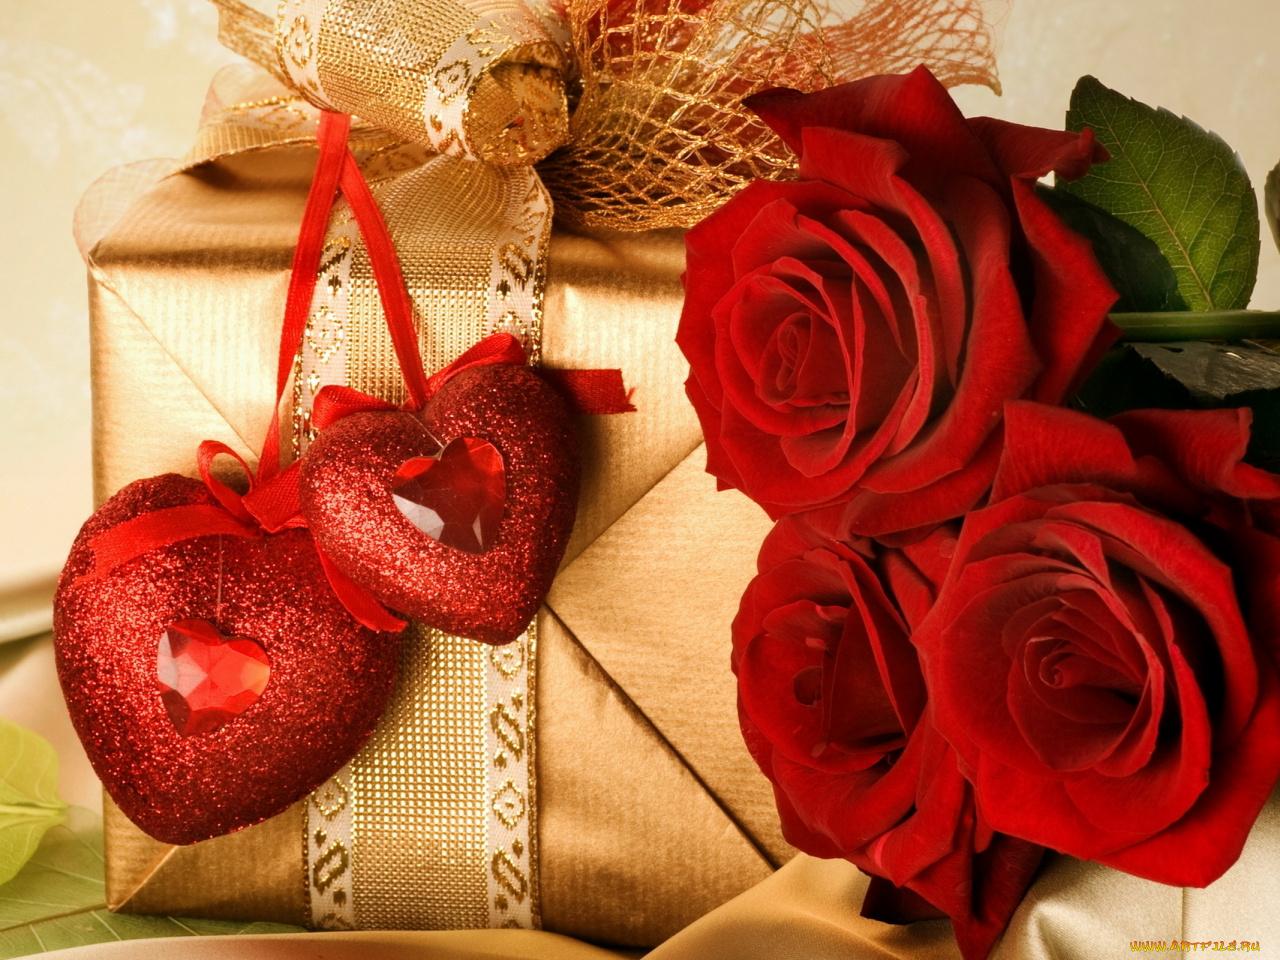 День всех влюбленных красивые открытки фото